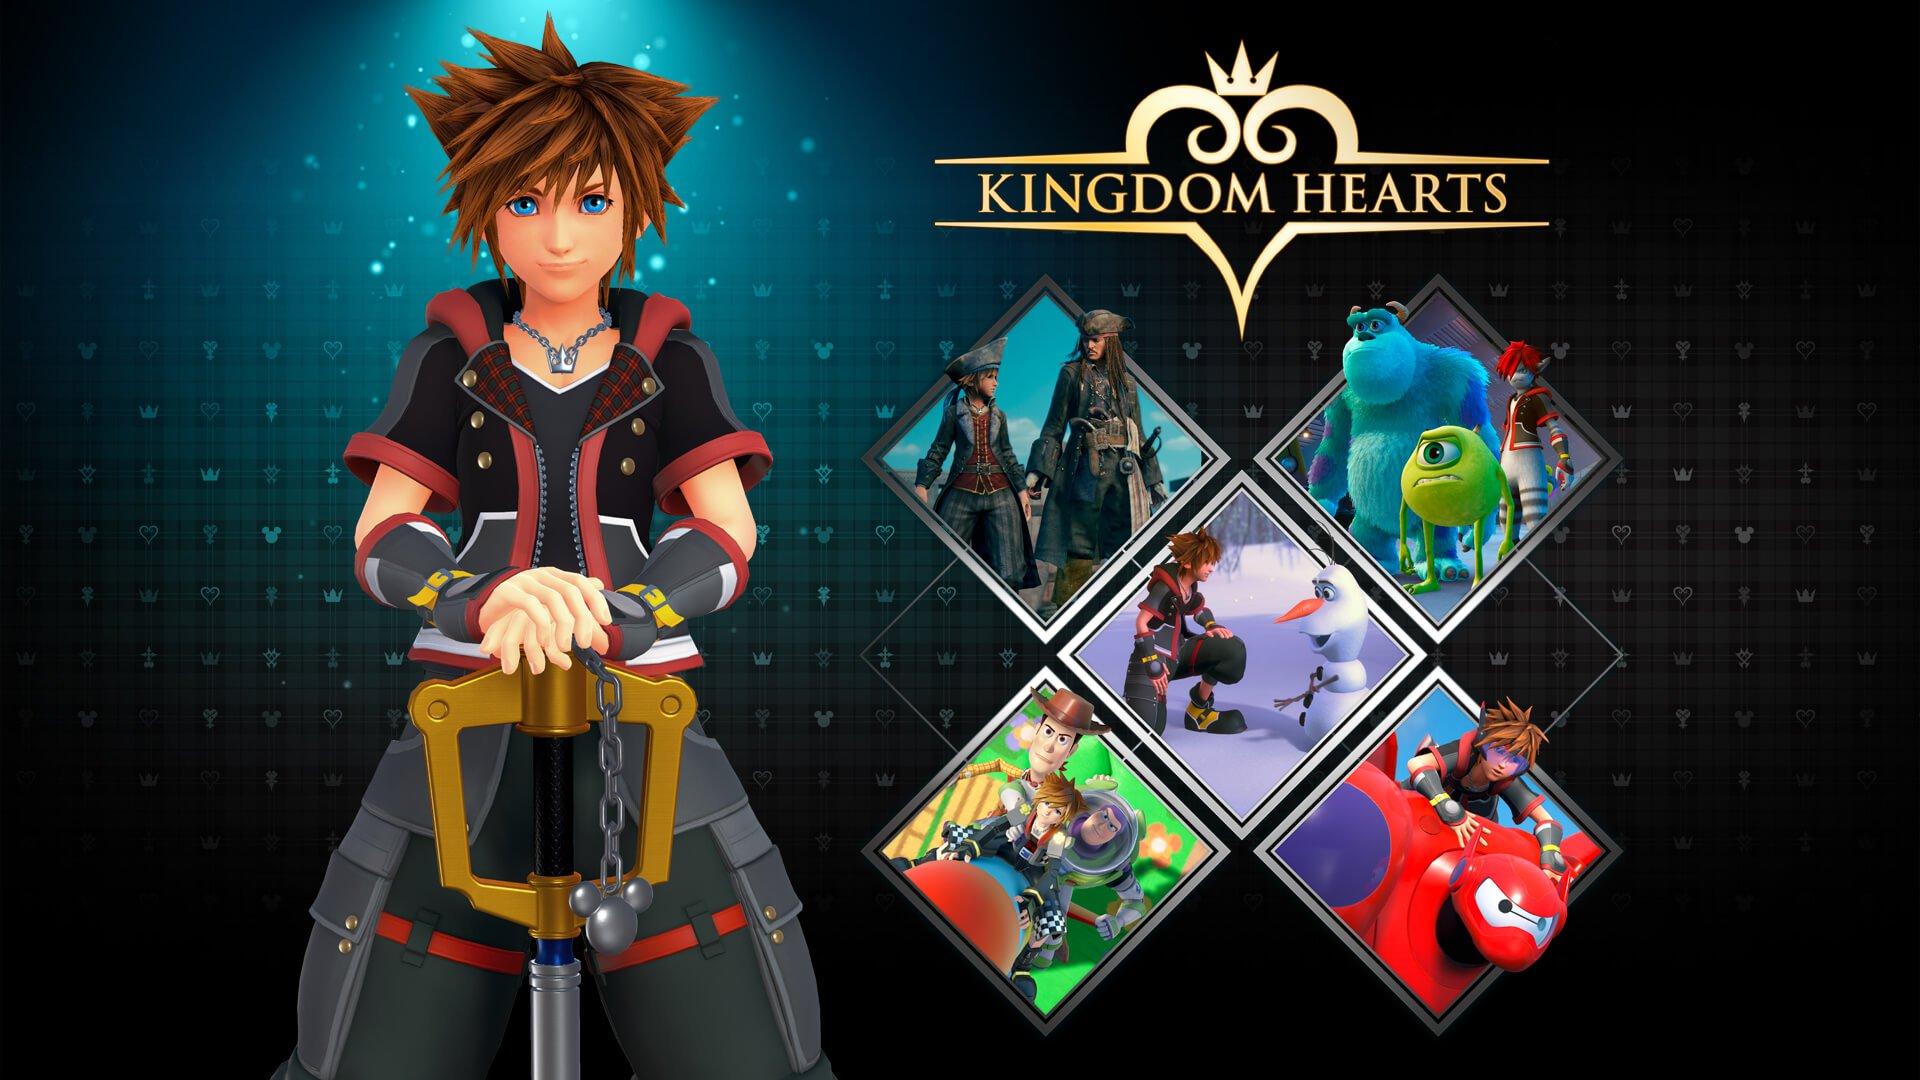 Серия игр Kingdom Hearts выйдет на ПК в качестве эксклюзива для Epic Games Store - ITC.ua